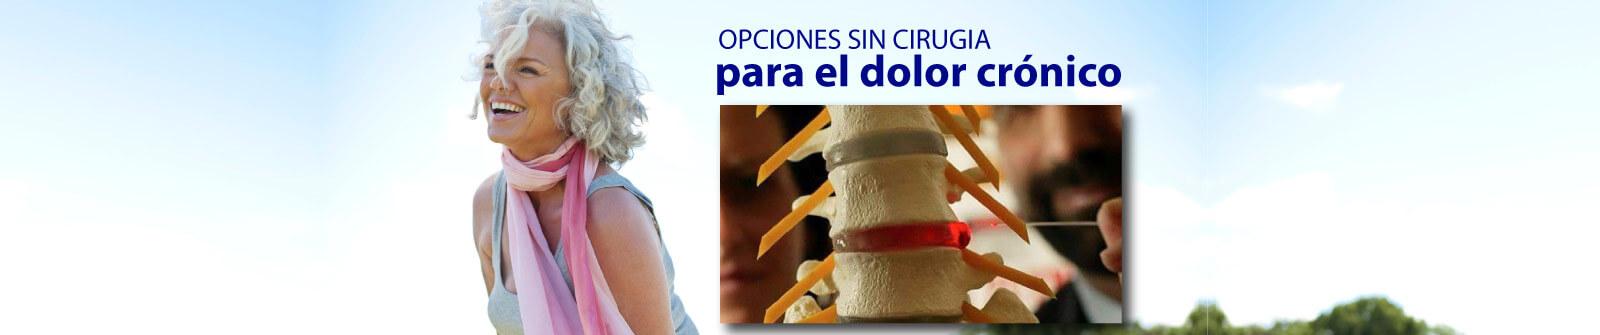 opciones-sin-cirugia